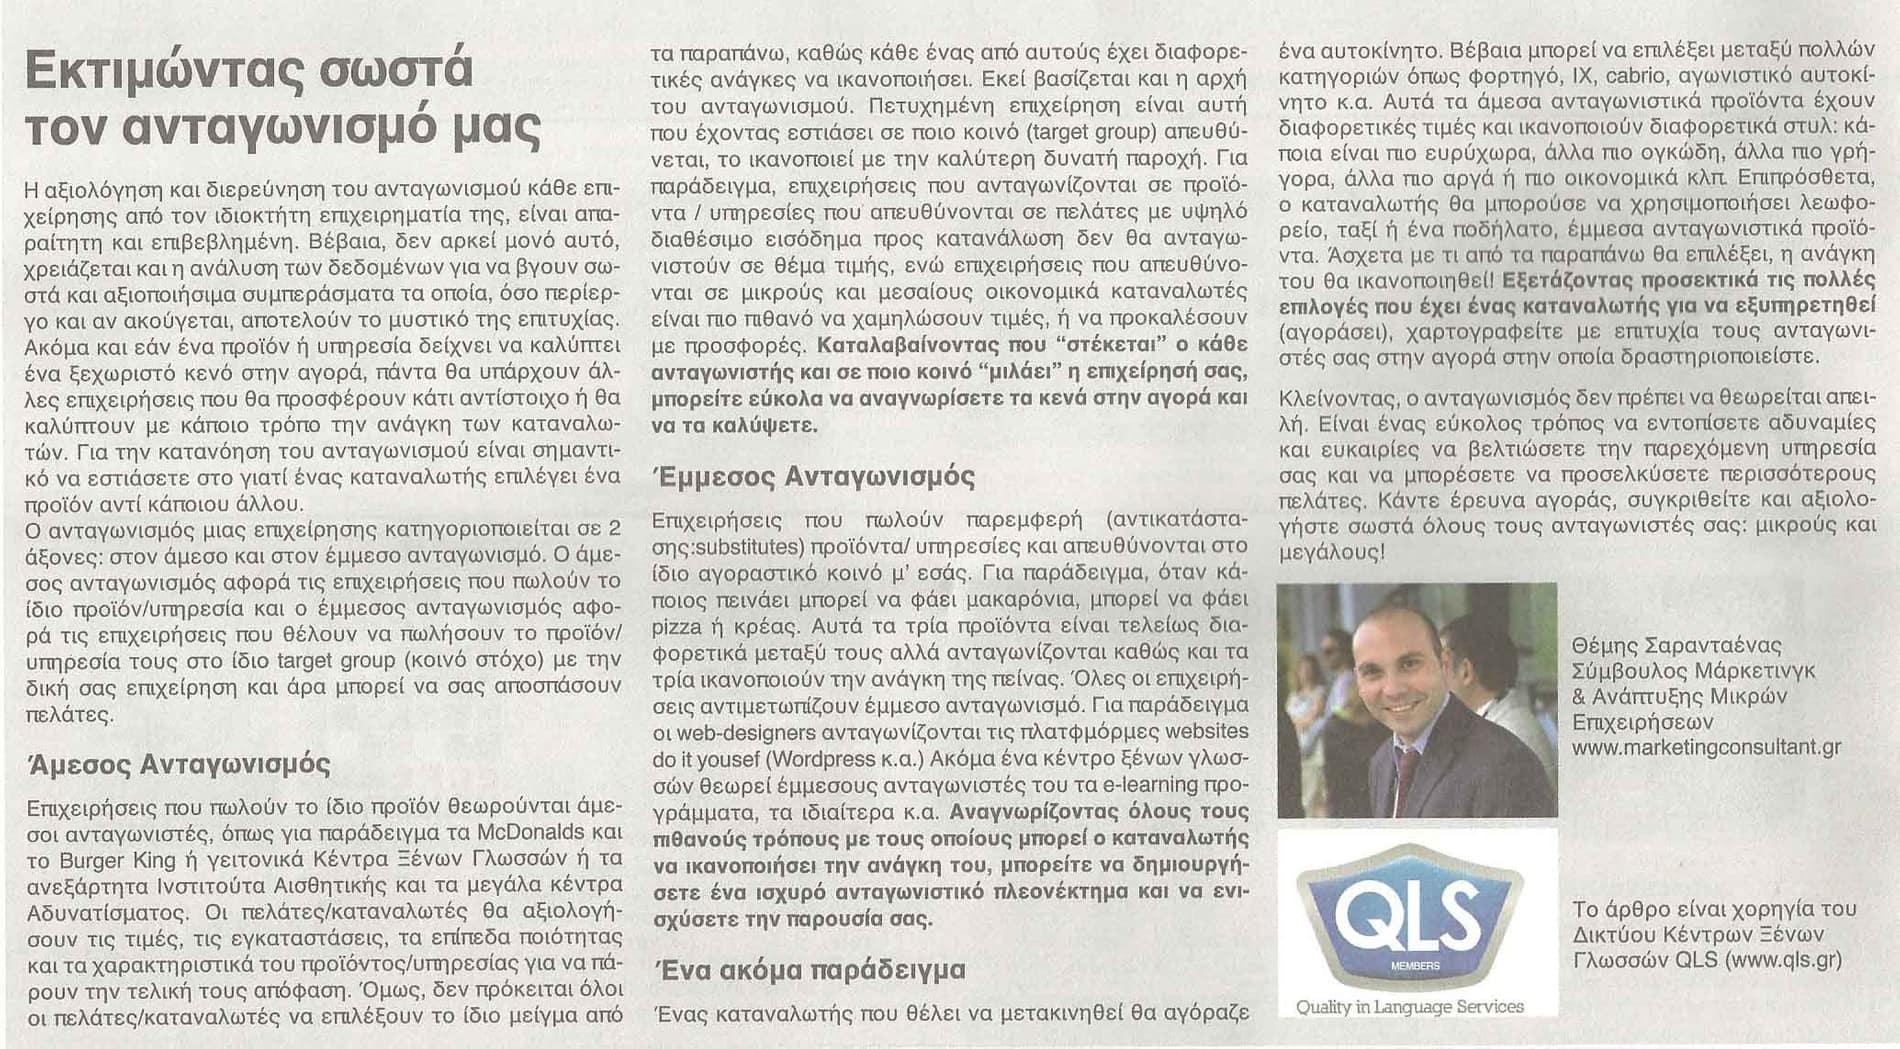 ELT News Θέμης Σαρανταένας Σύμβουλος Μάρκετινγκ